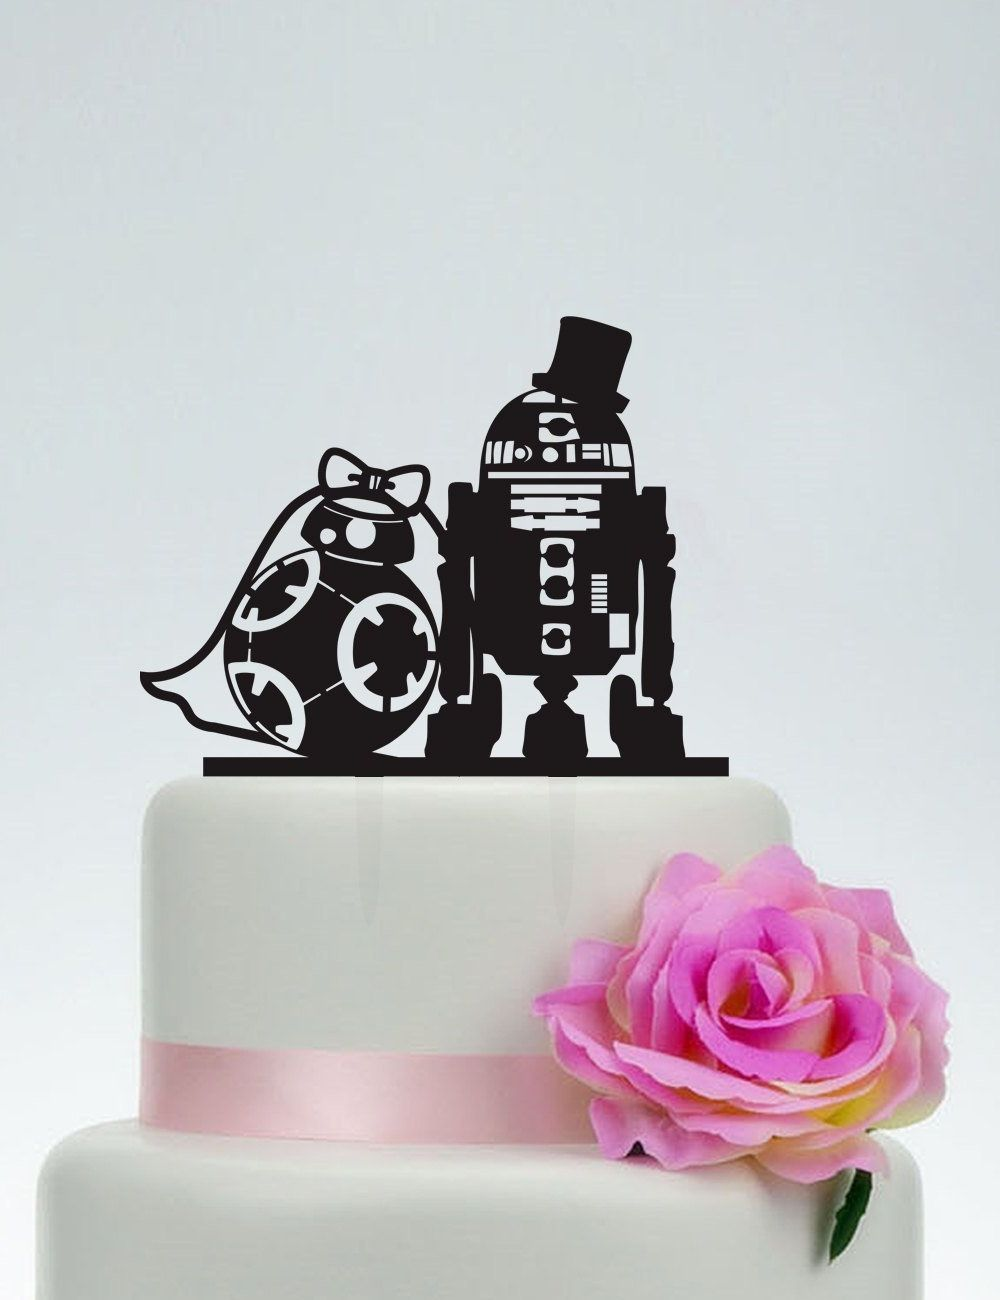 Star wars wedding cake toppers amazon wedding cake